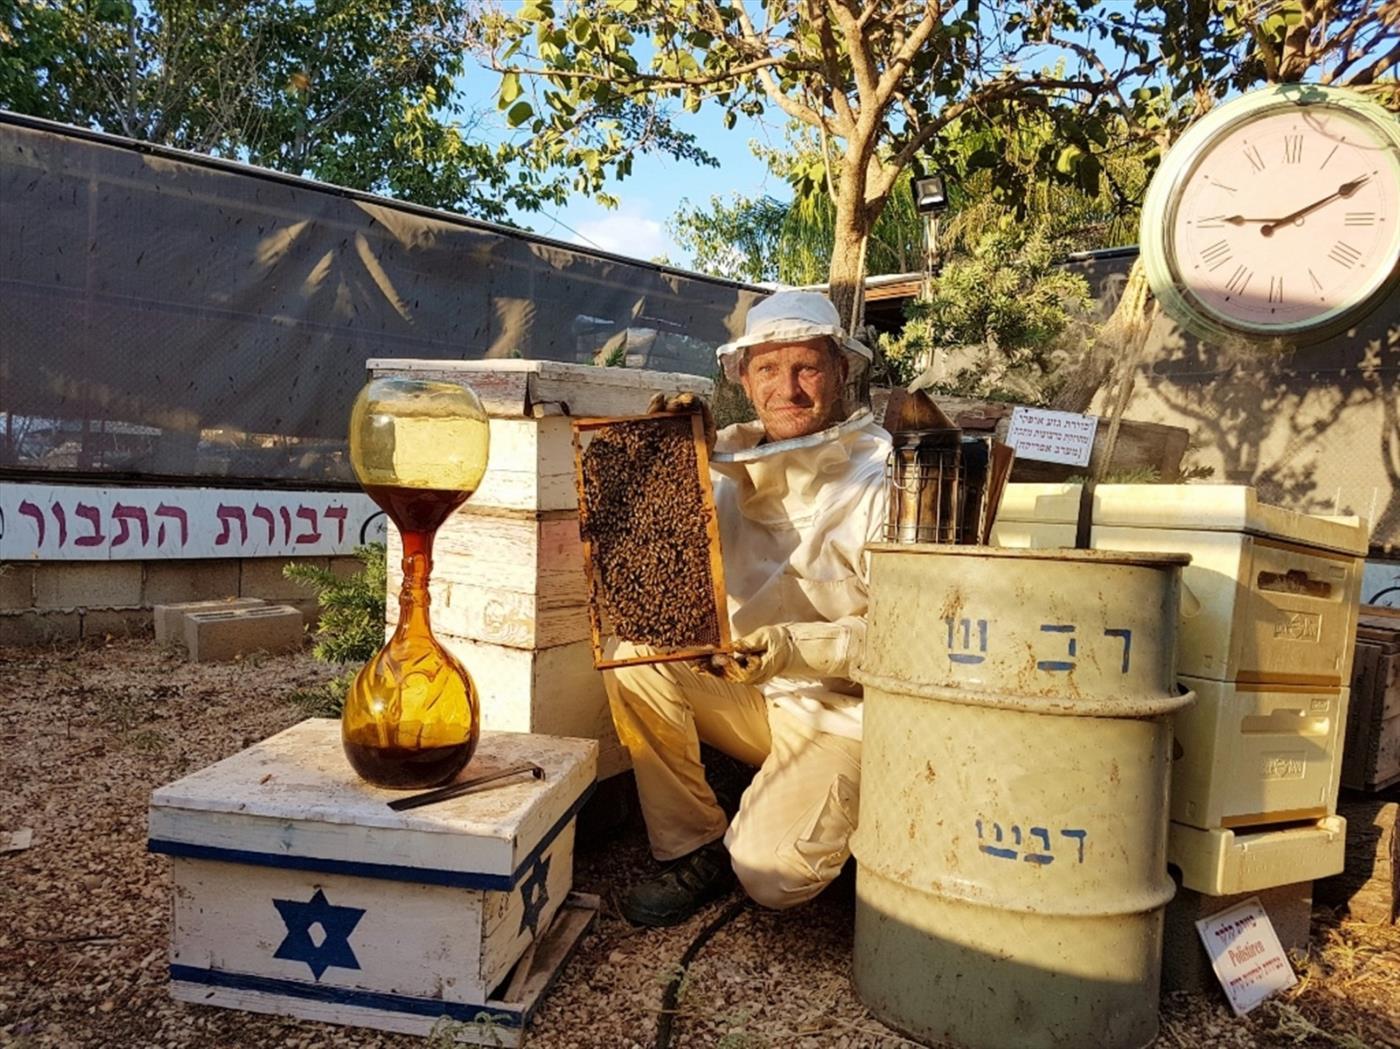 לקראת ראש השנה: פסטיבל מתוק כדבש